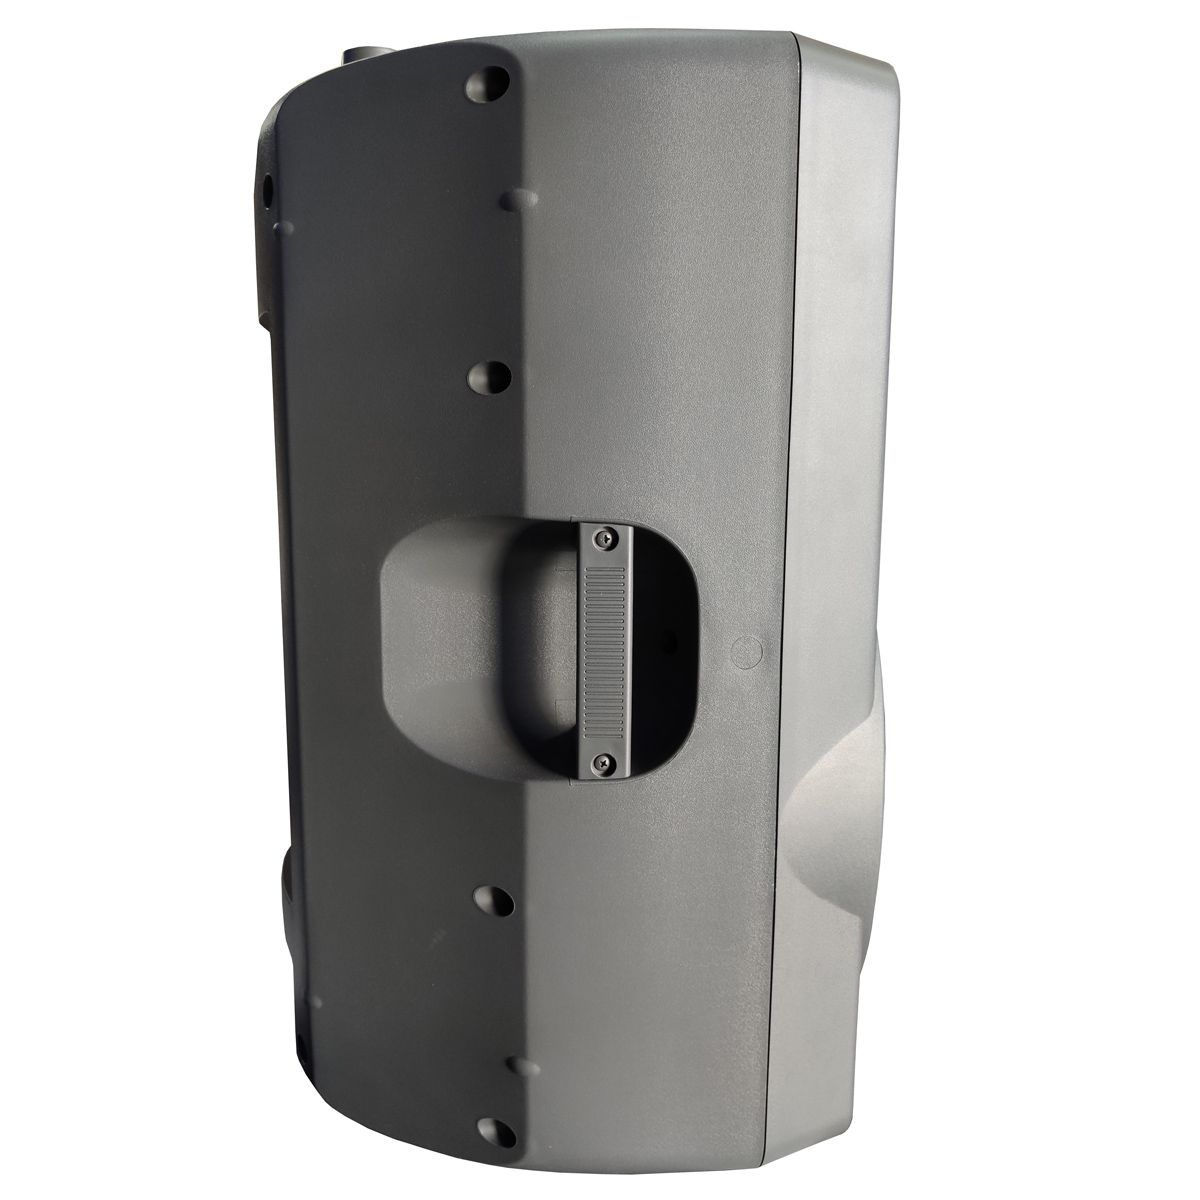 Caixa Acústica Passiva LT 1500 300w - Leacs  - RS Som e Luz!